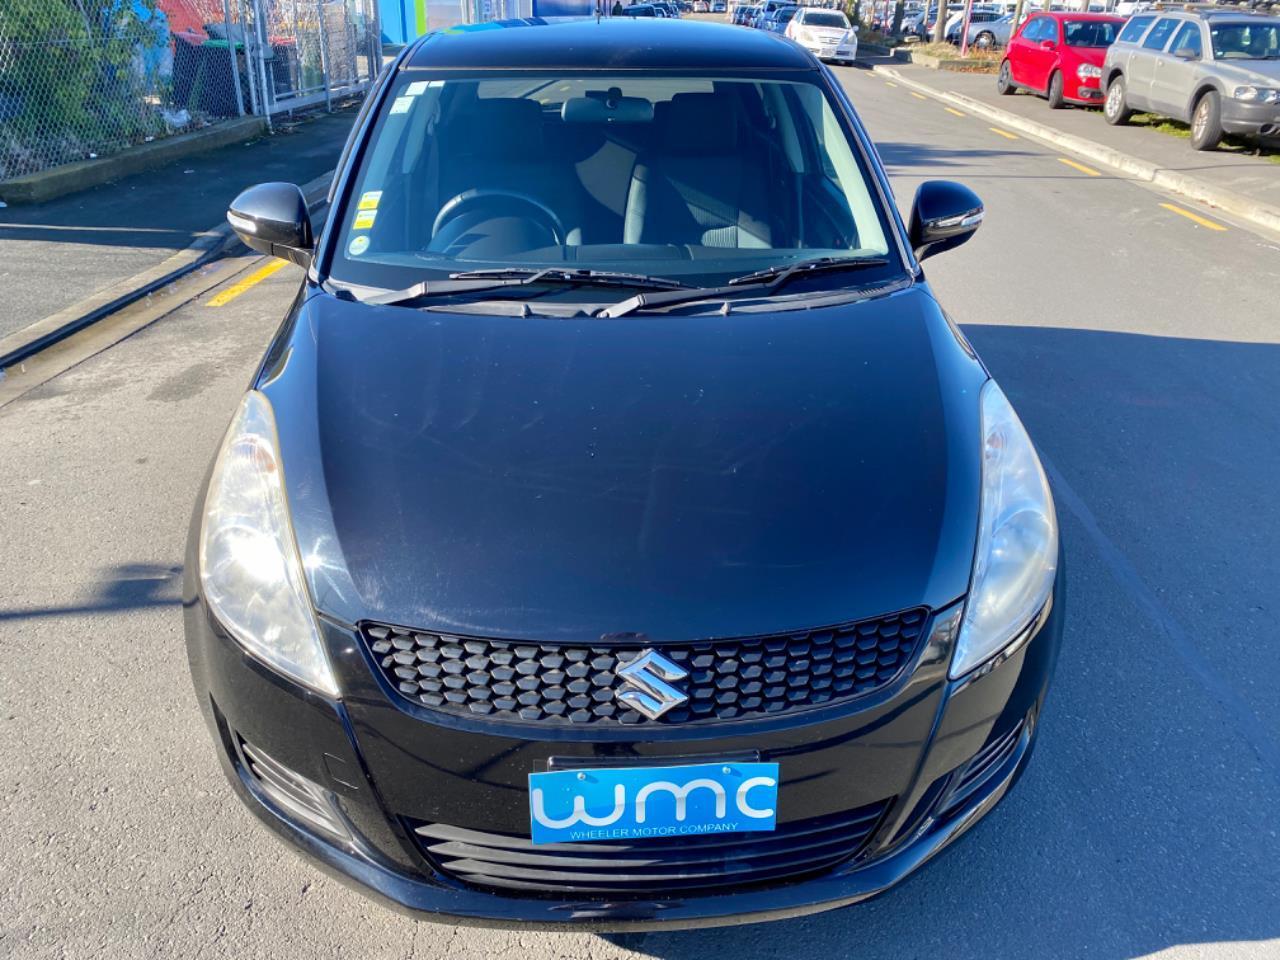 image-2, 2010 Suzuki Swift 1.2lt XL Hatchback at Christchurch